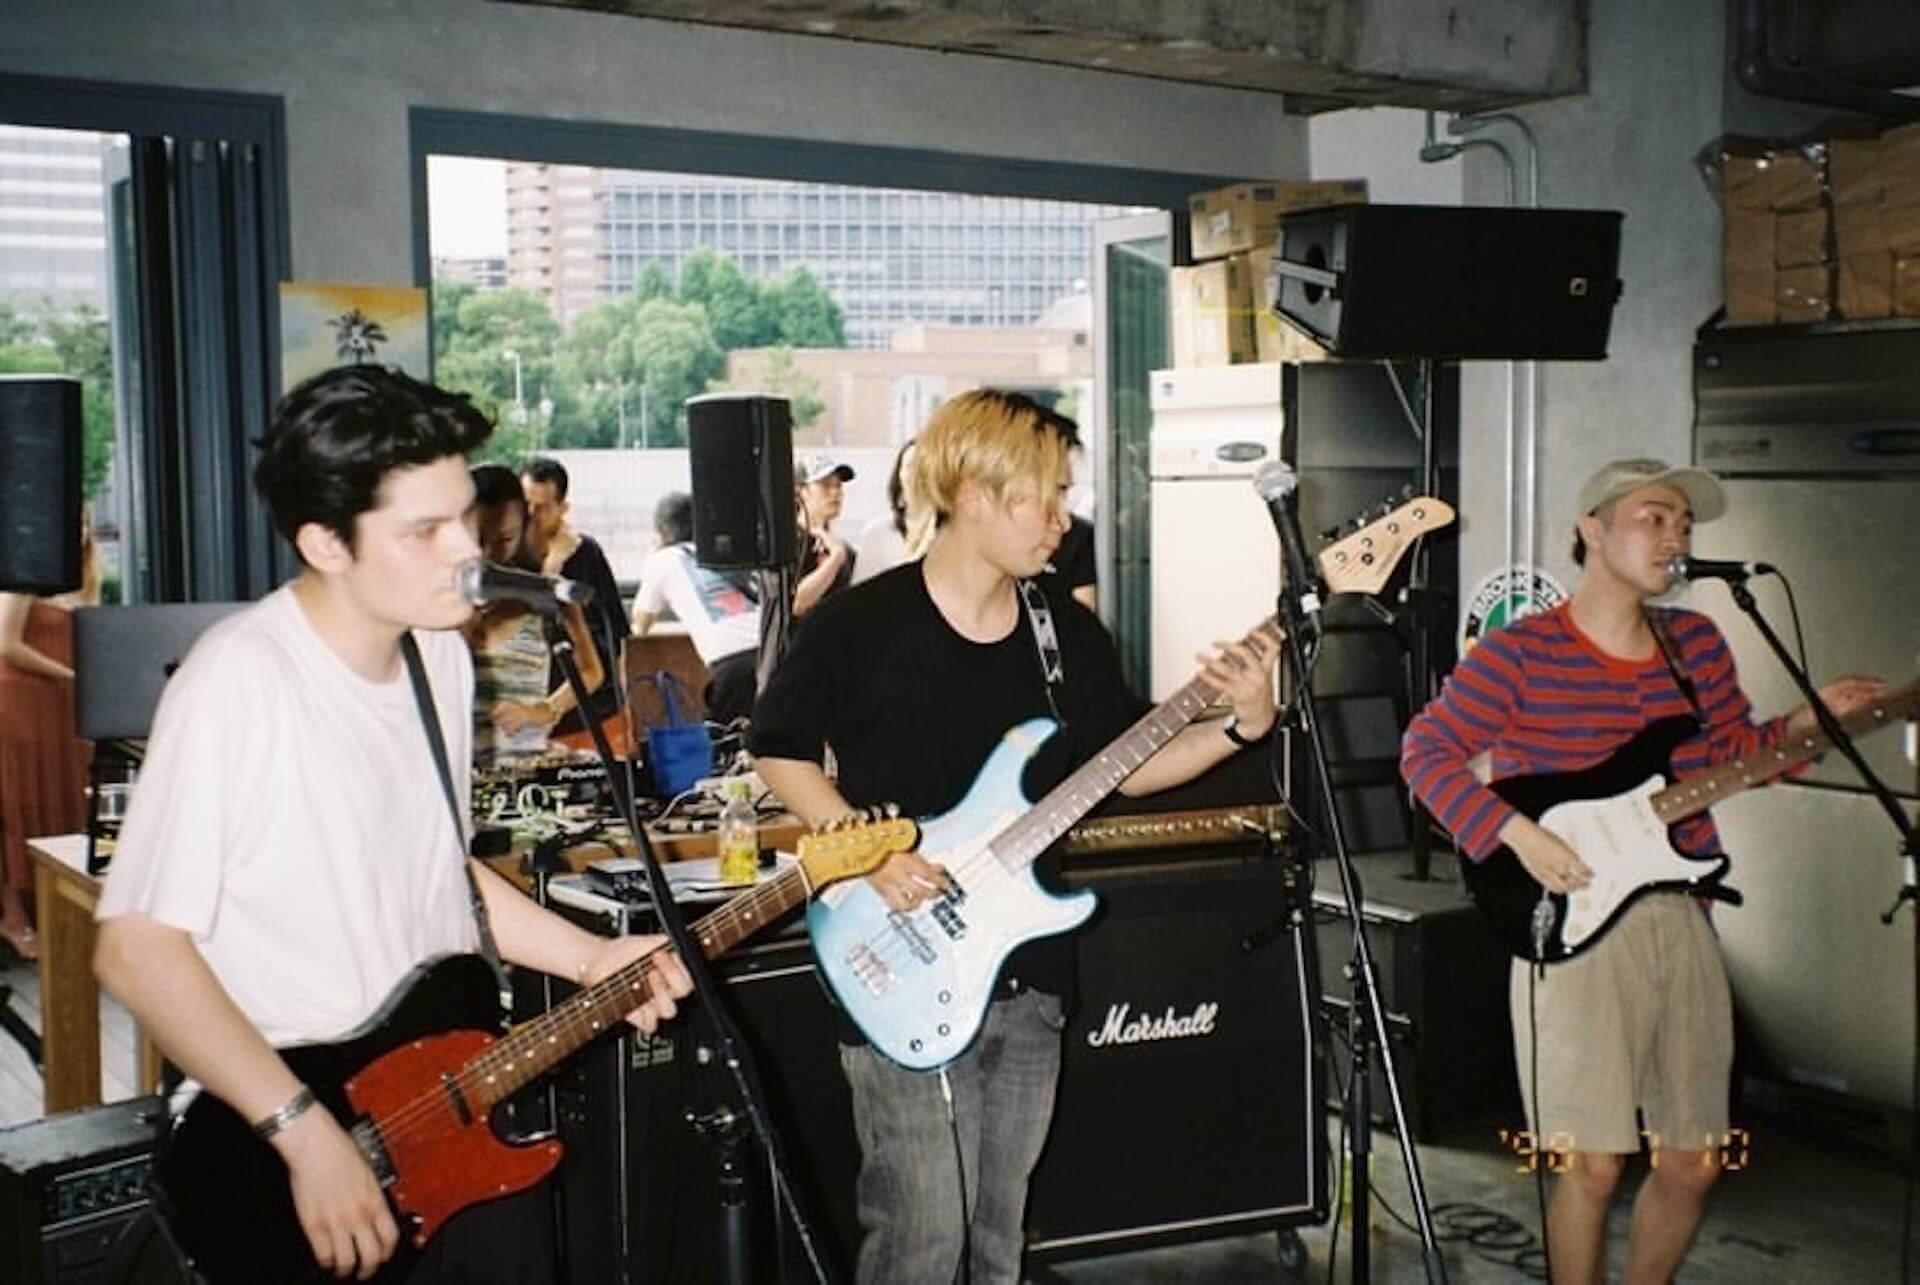 3人組ユニット・ego apartmentが追求する自分たちにしかできない音作り ルーツ、音楽家のめざめ、そして出会い interview210820_ego-apartment-03